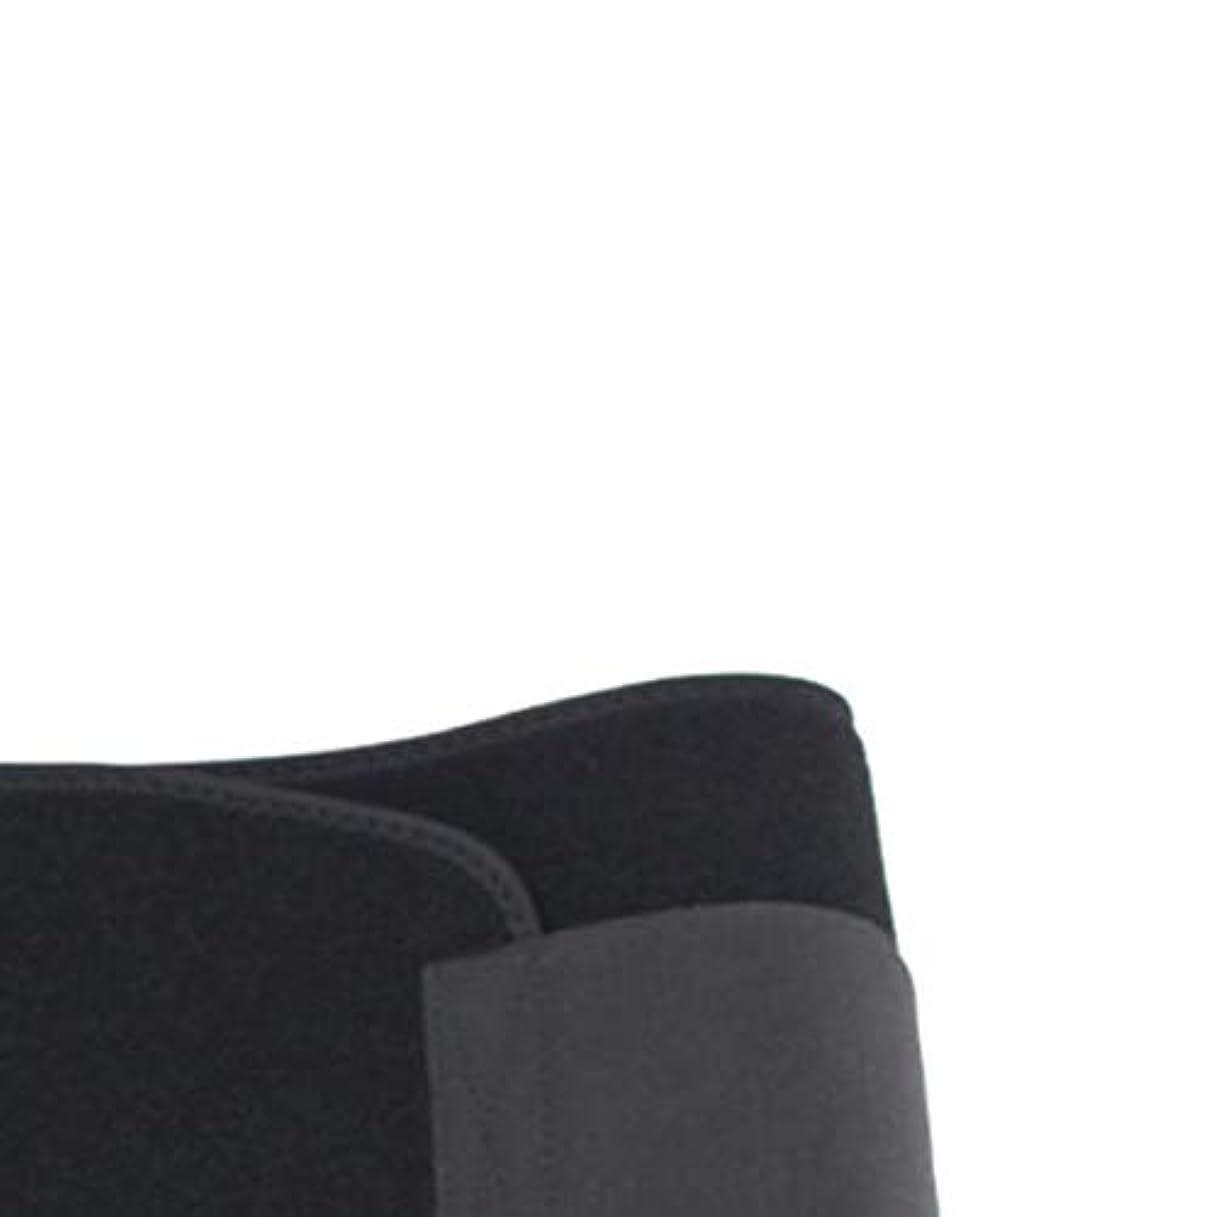 テントつかむ束男性女性ウエストおなかスポーツボディシェイパーバンドベルトラップファットバーンスリミングエクササイズ用品ボディシェイピング(黒)